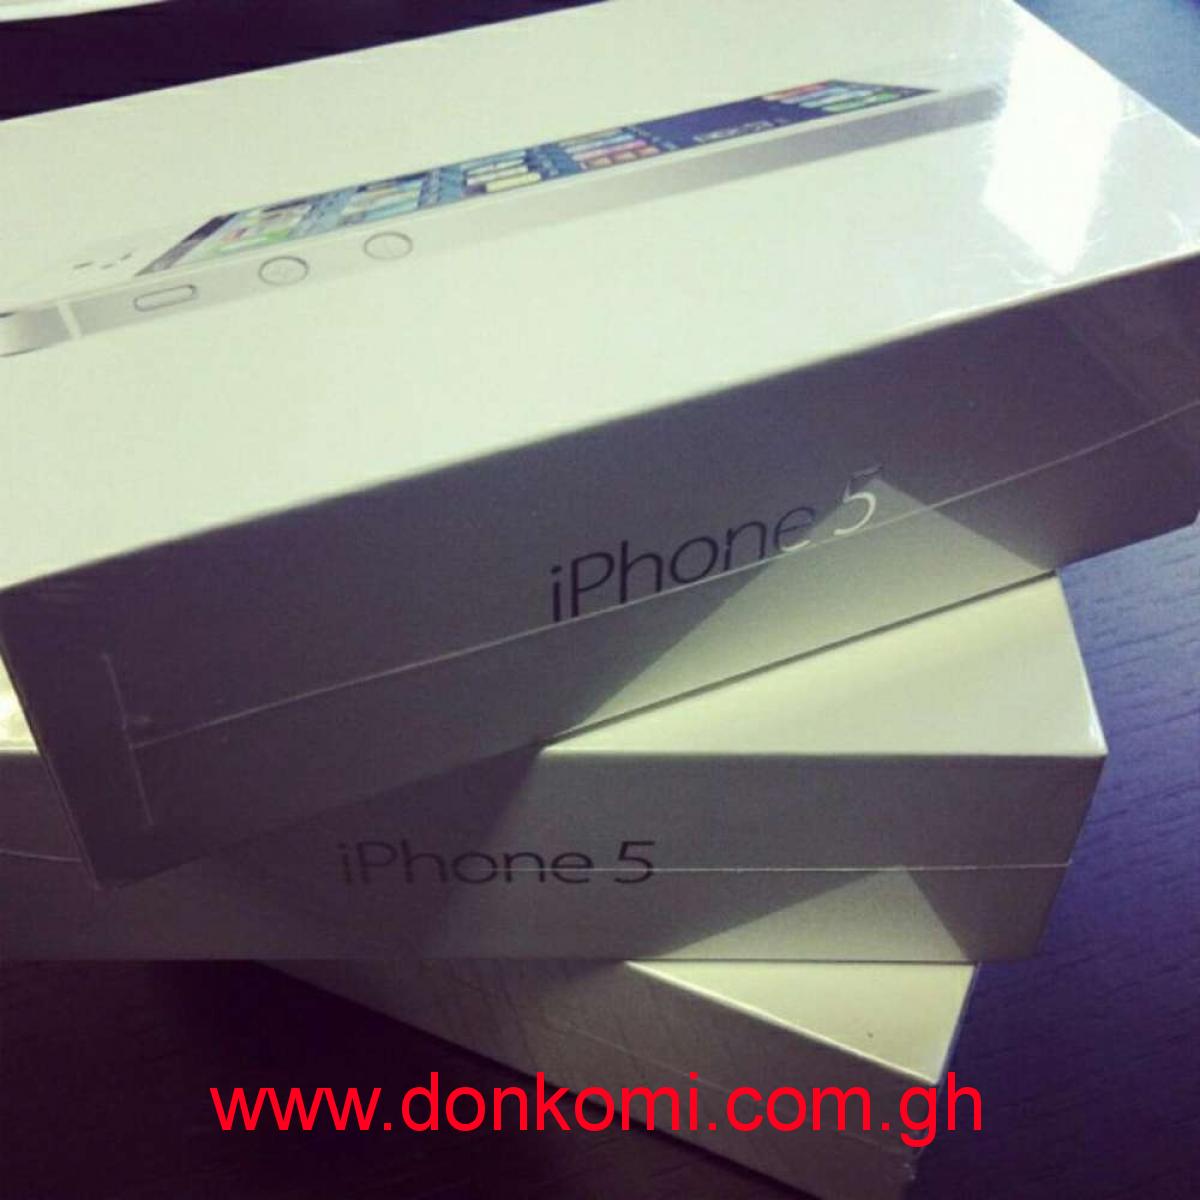 Original Apple iPhone 5